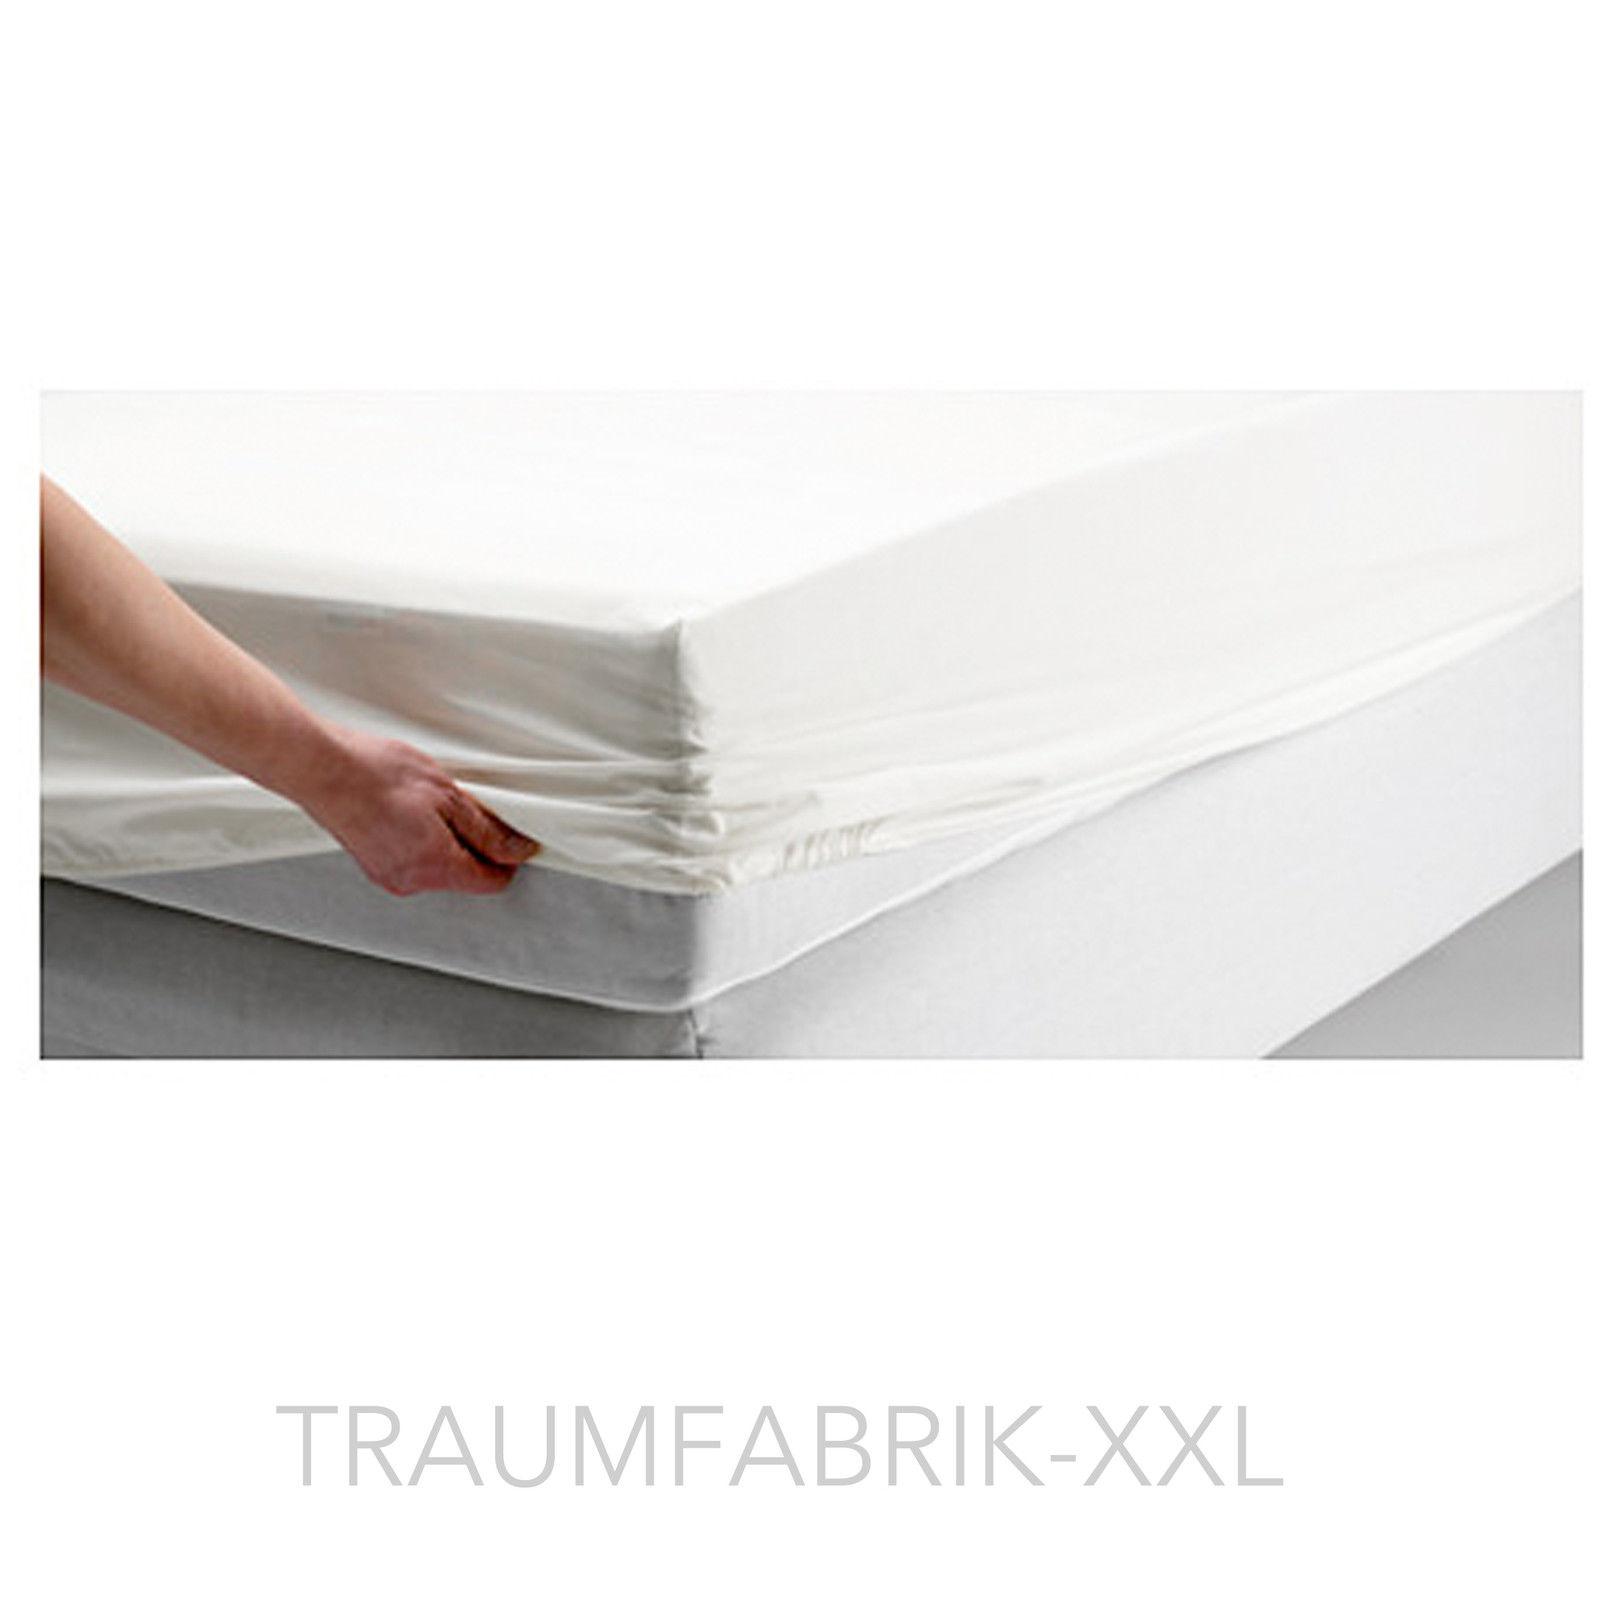 ikea bettlaken spannbettlaken wei 90x200cm schlafzimmer 100 baumwolle neu ovp traumfabrik xxl. Black Bedroom Furniture Sets. Home Design Ideas